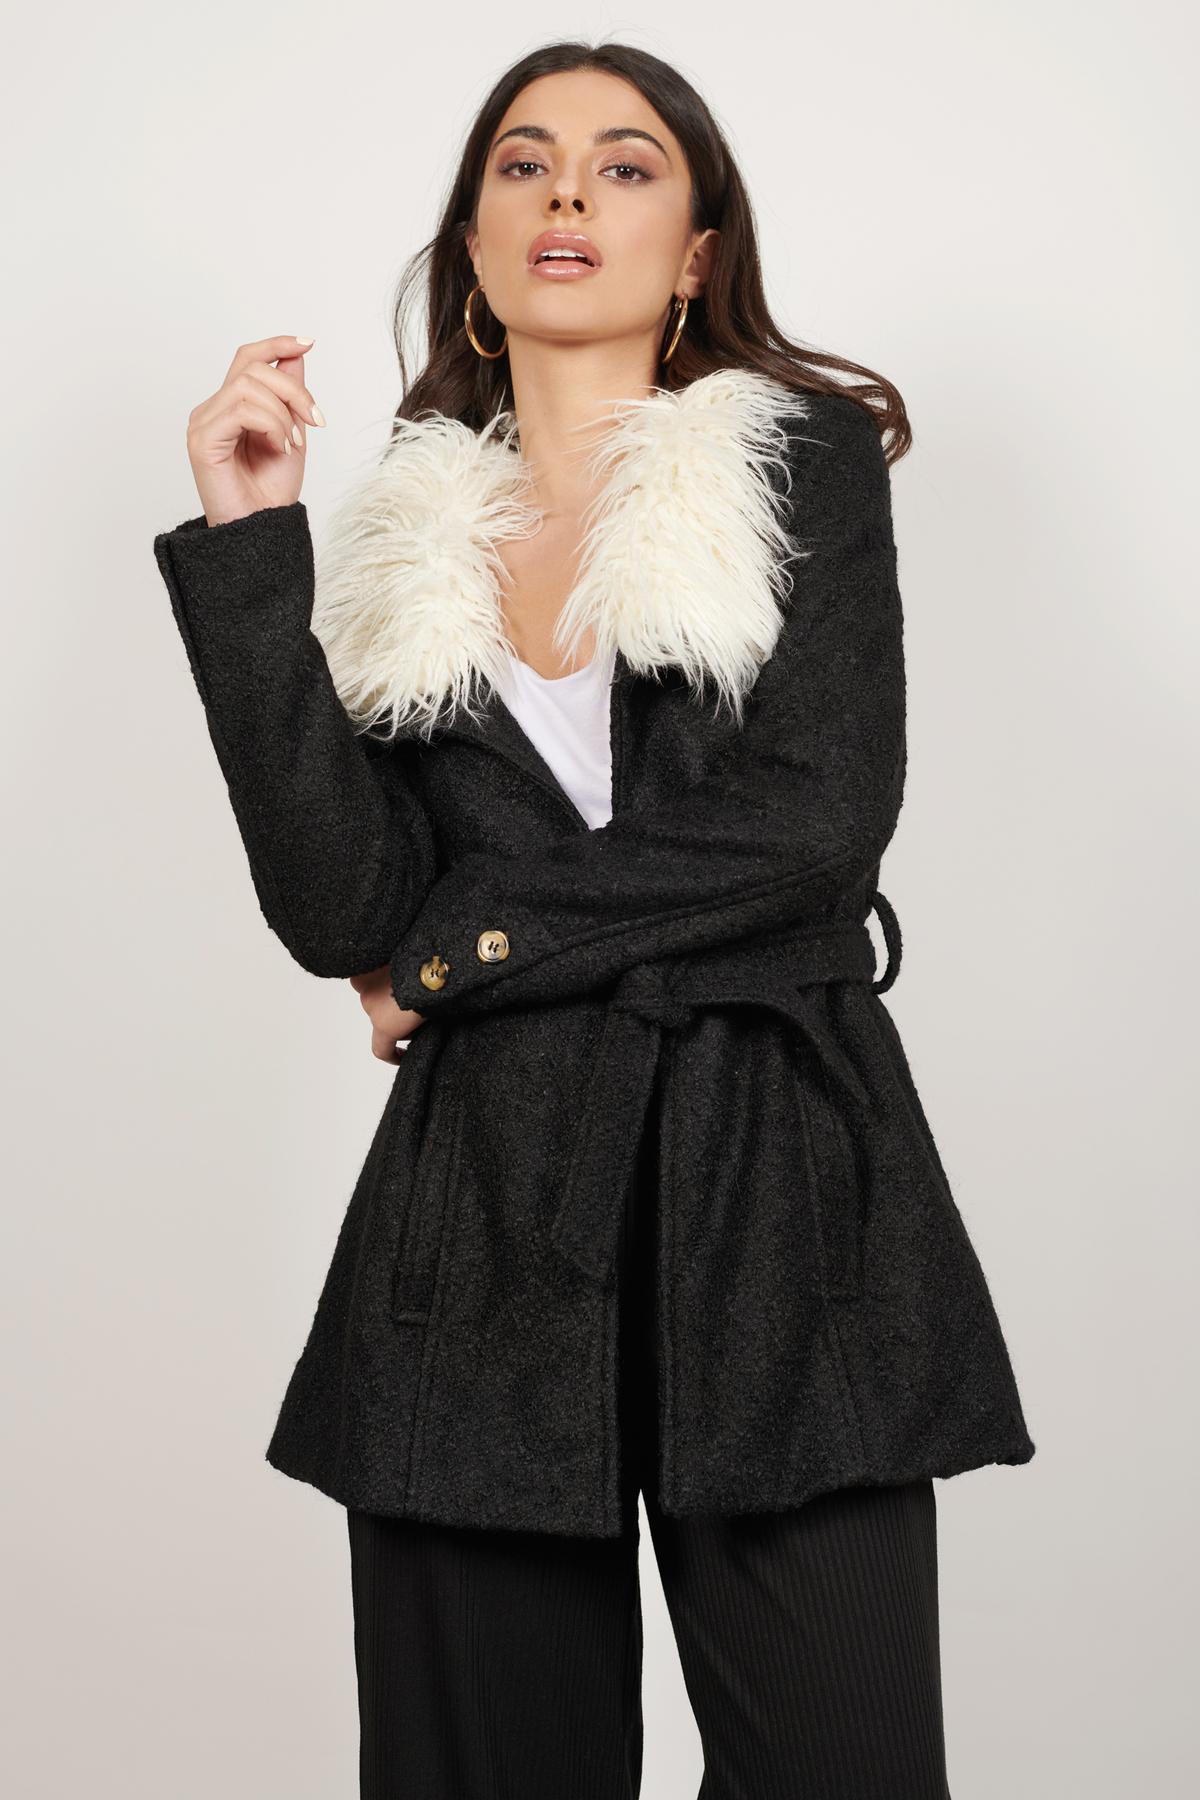 Fur Coats   Shop Fur Coats at Tobi